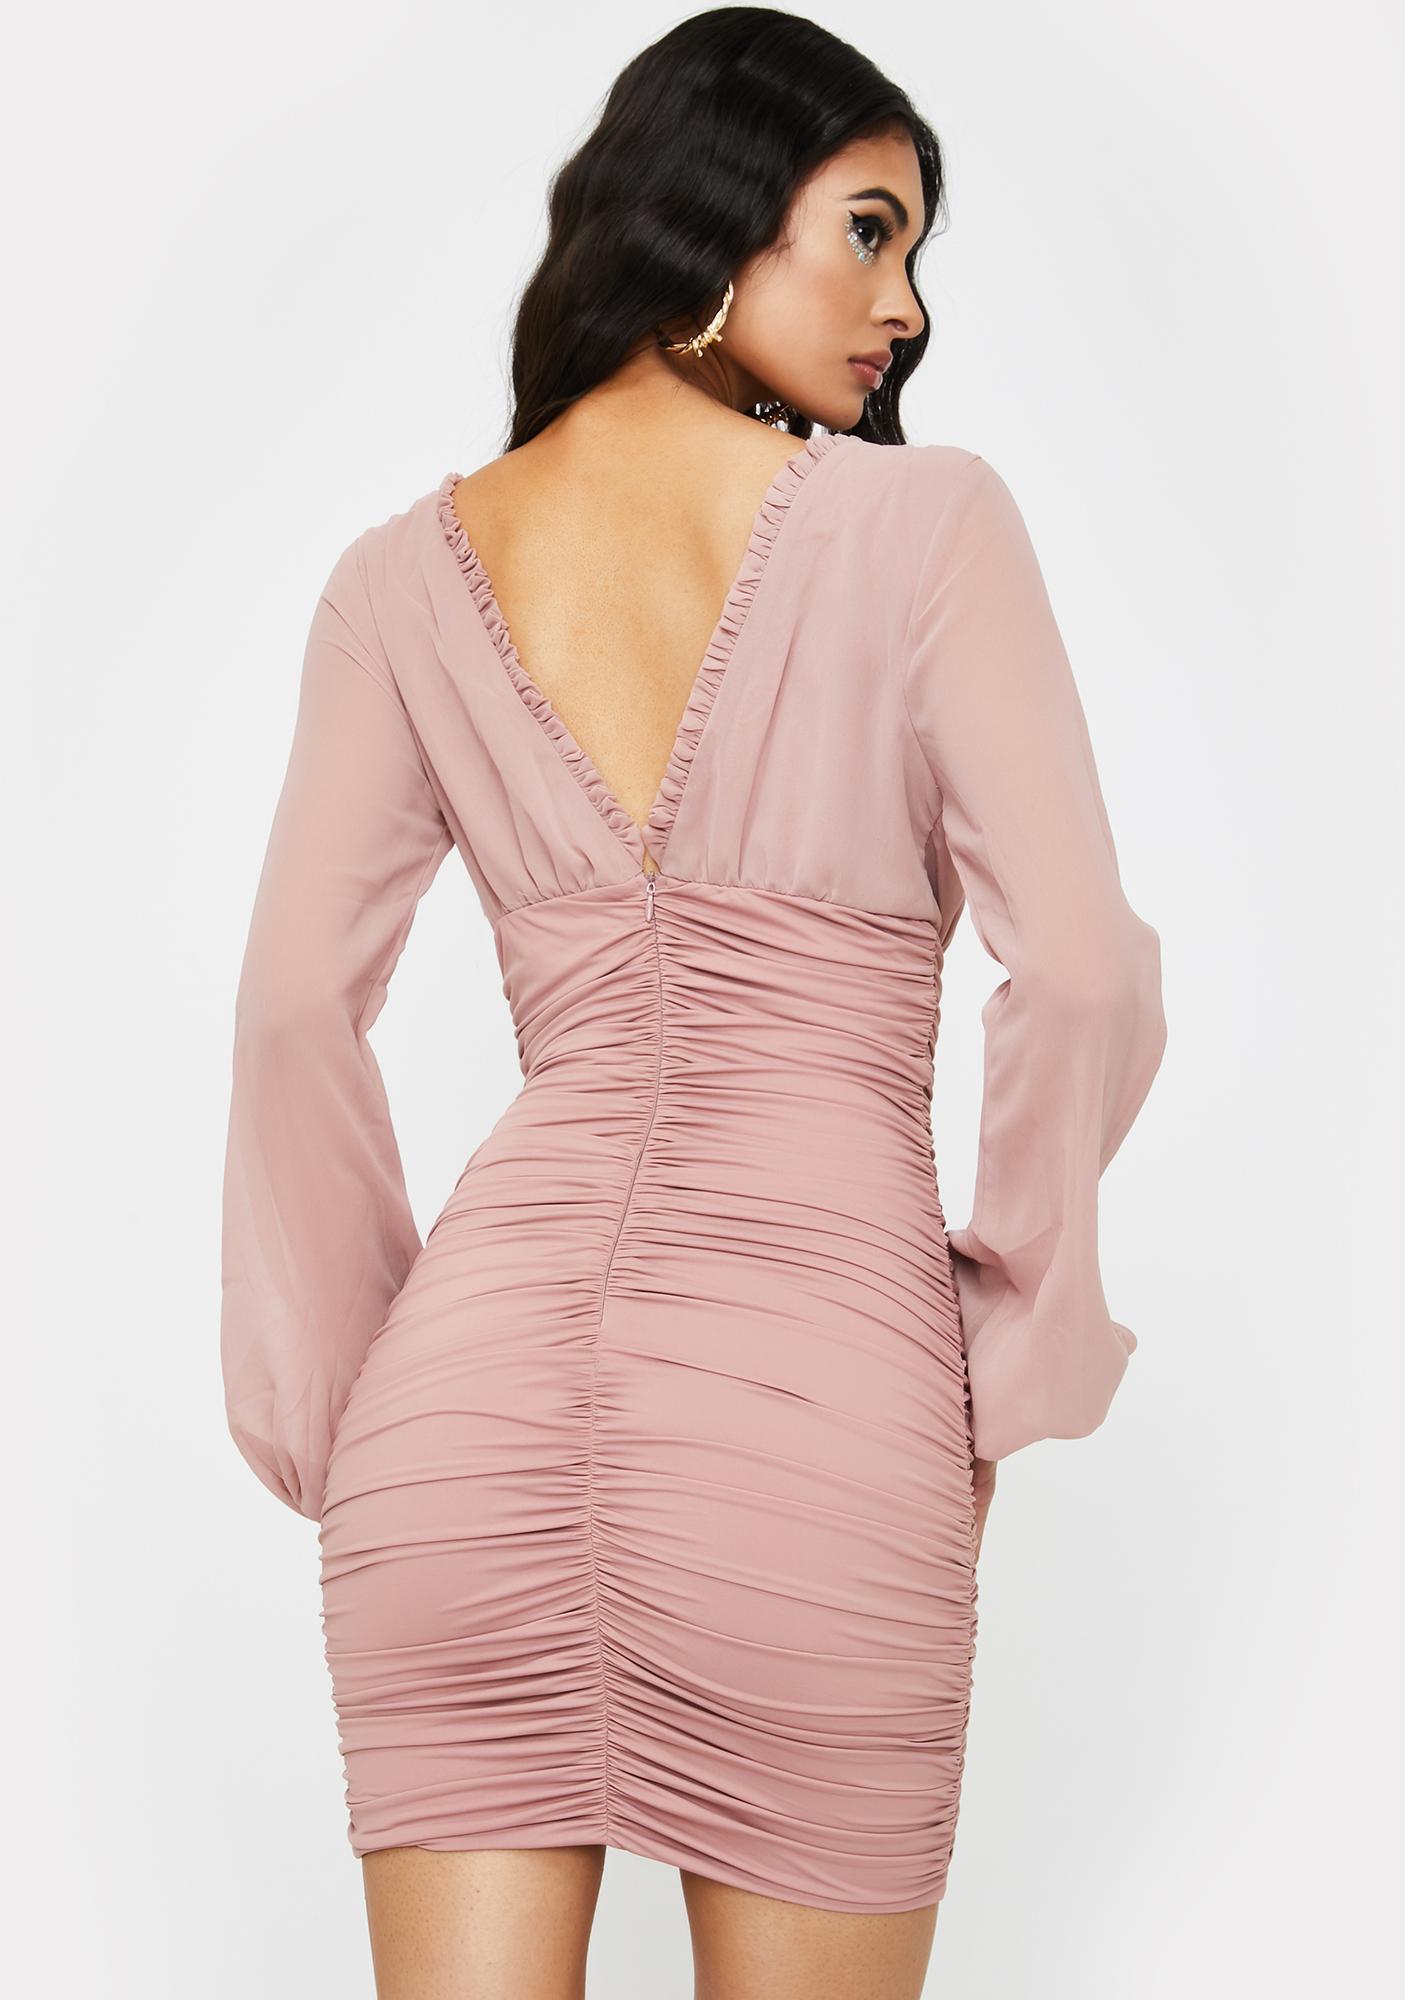 Tiger Mist Blush Magnolia Mini Dress